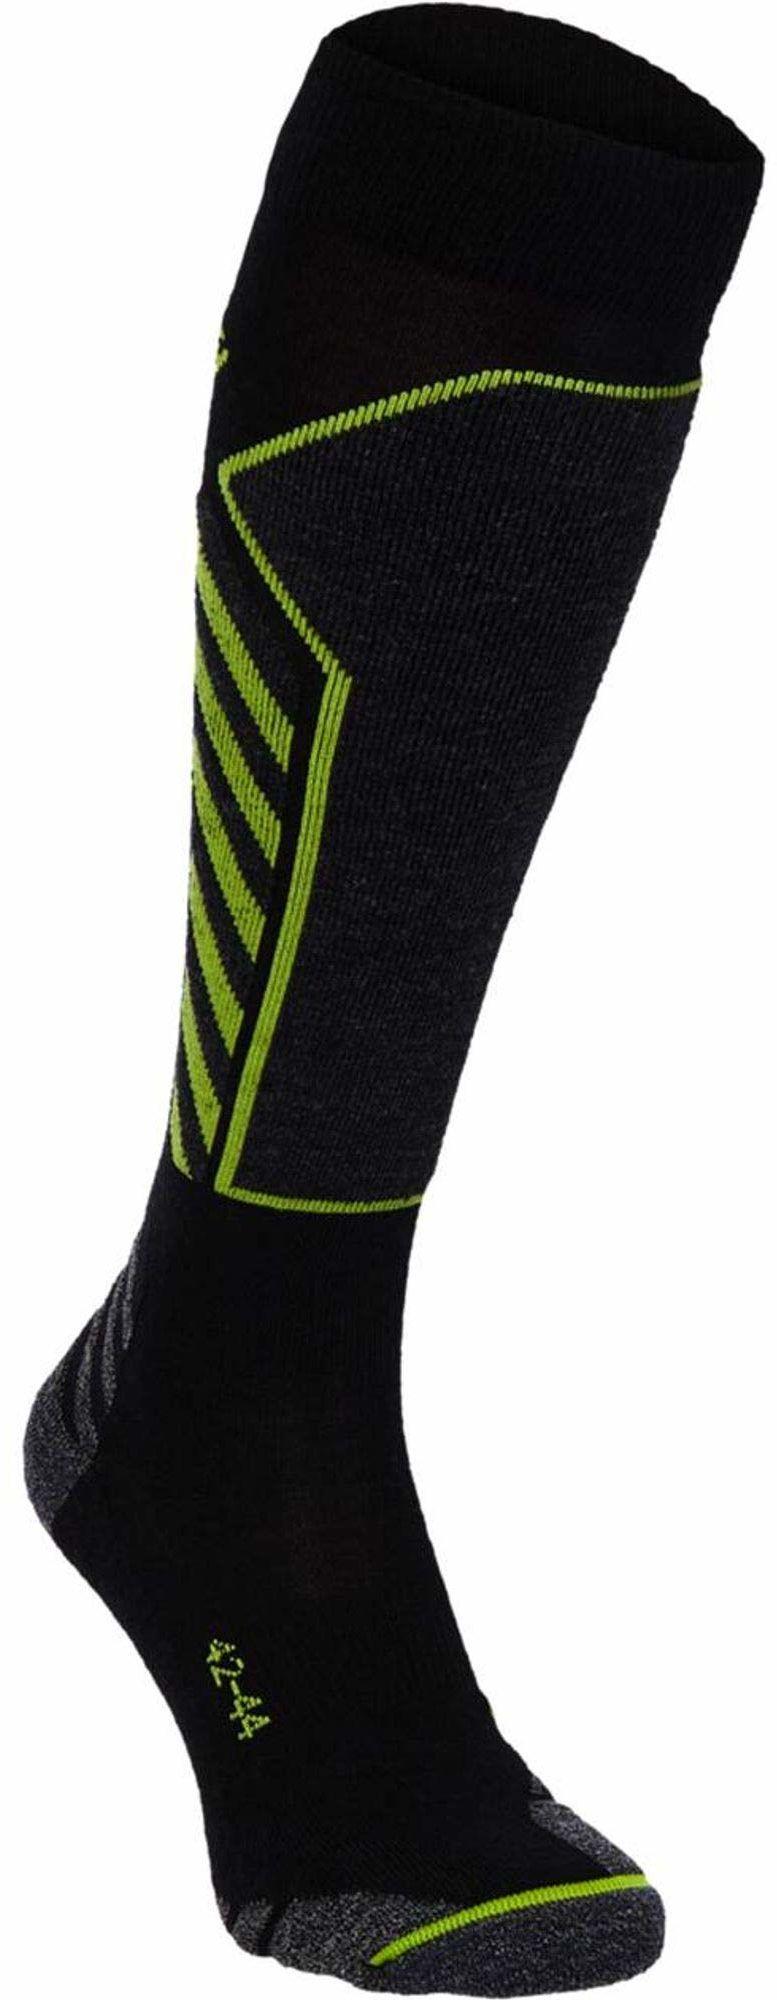 McKINLEY Billie UX męskie rajstopy czarny czarny/zielony 39-41